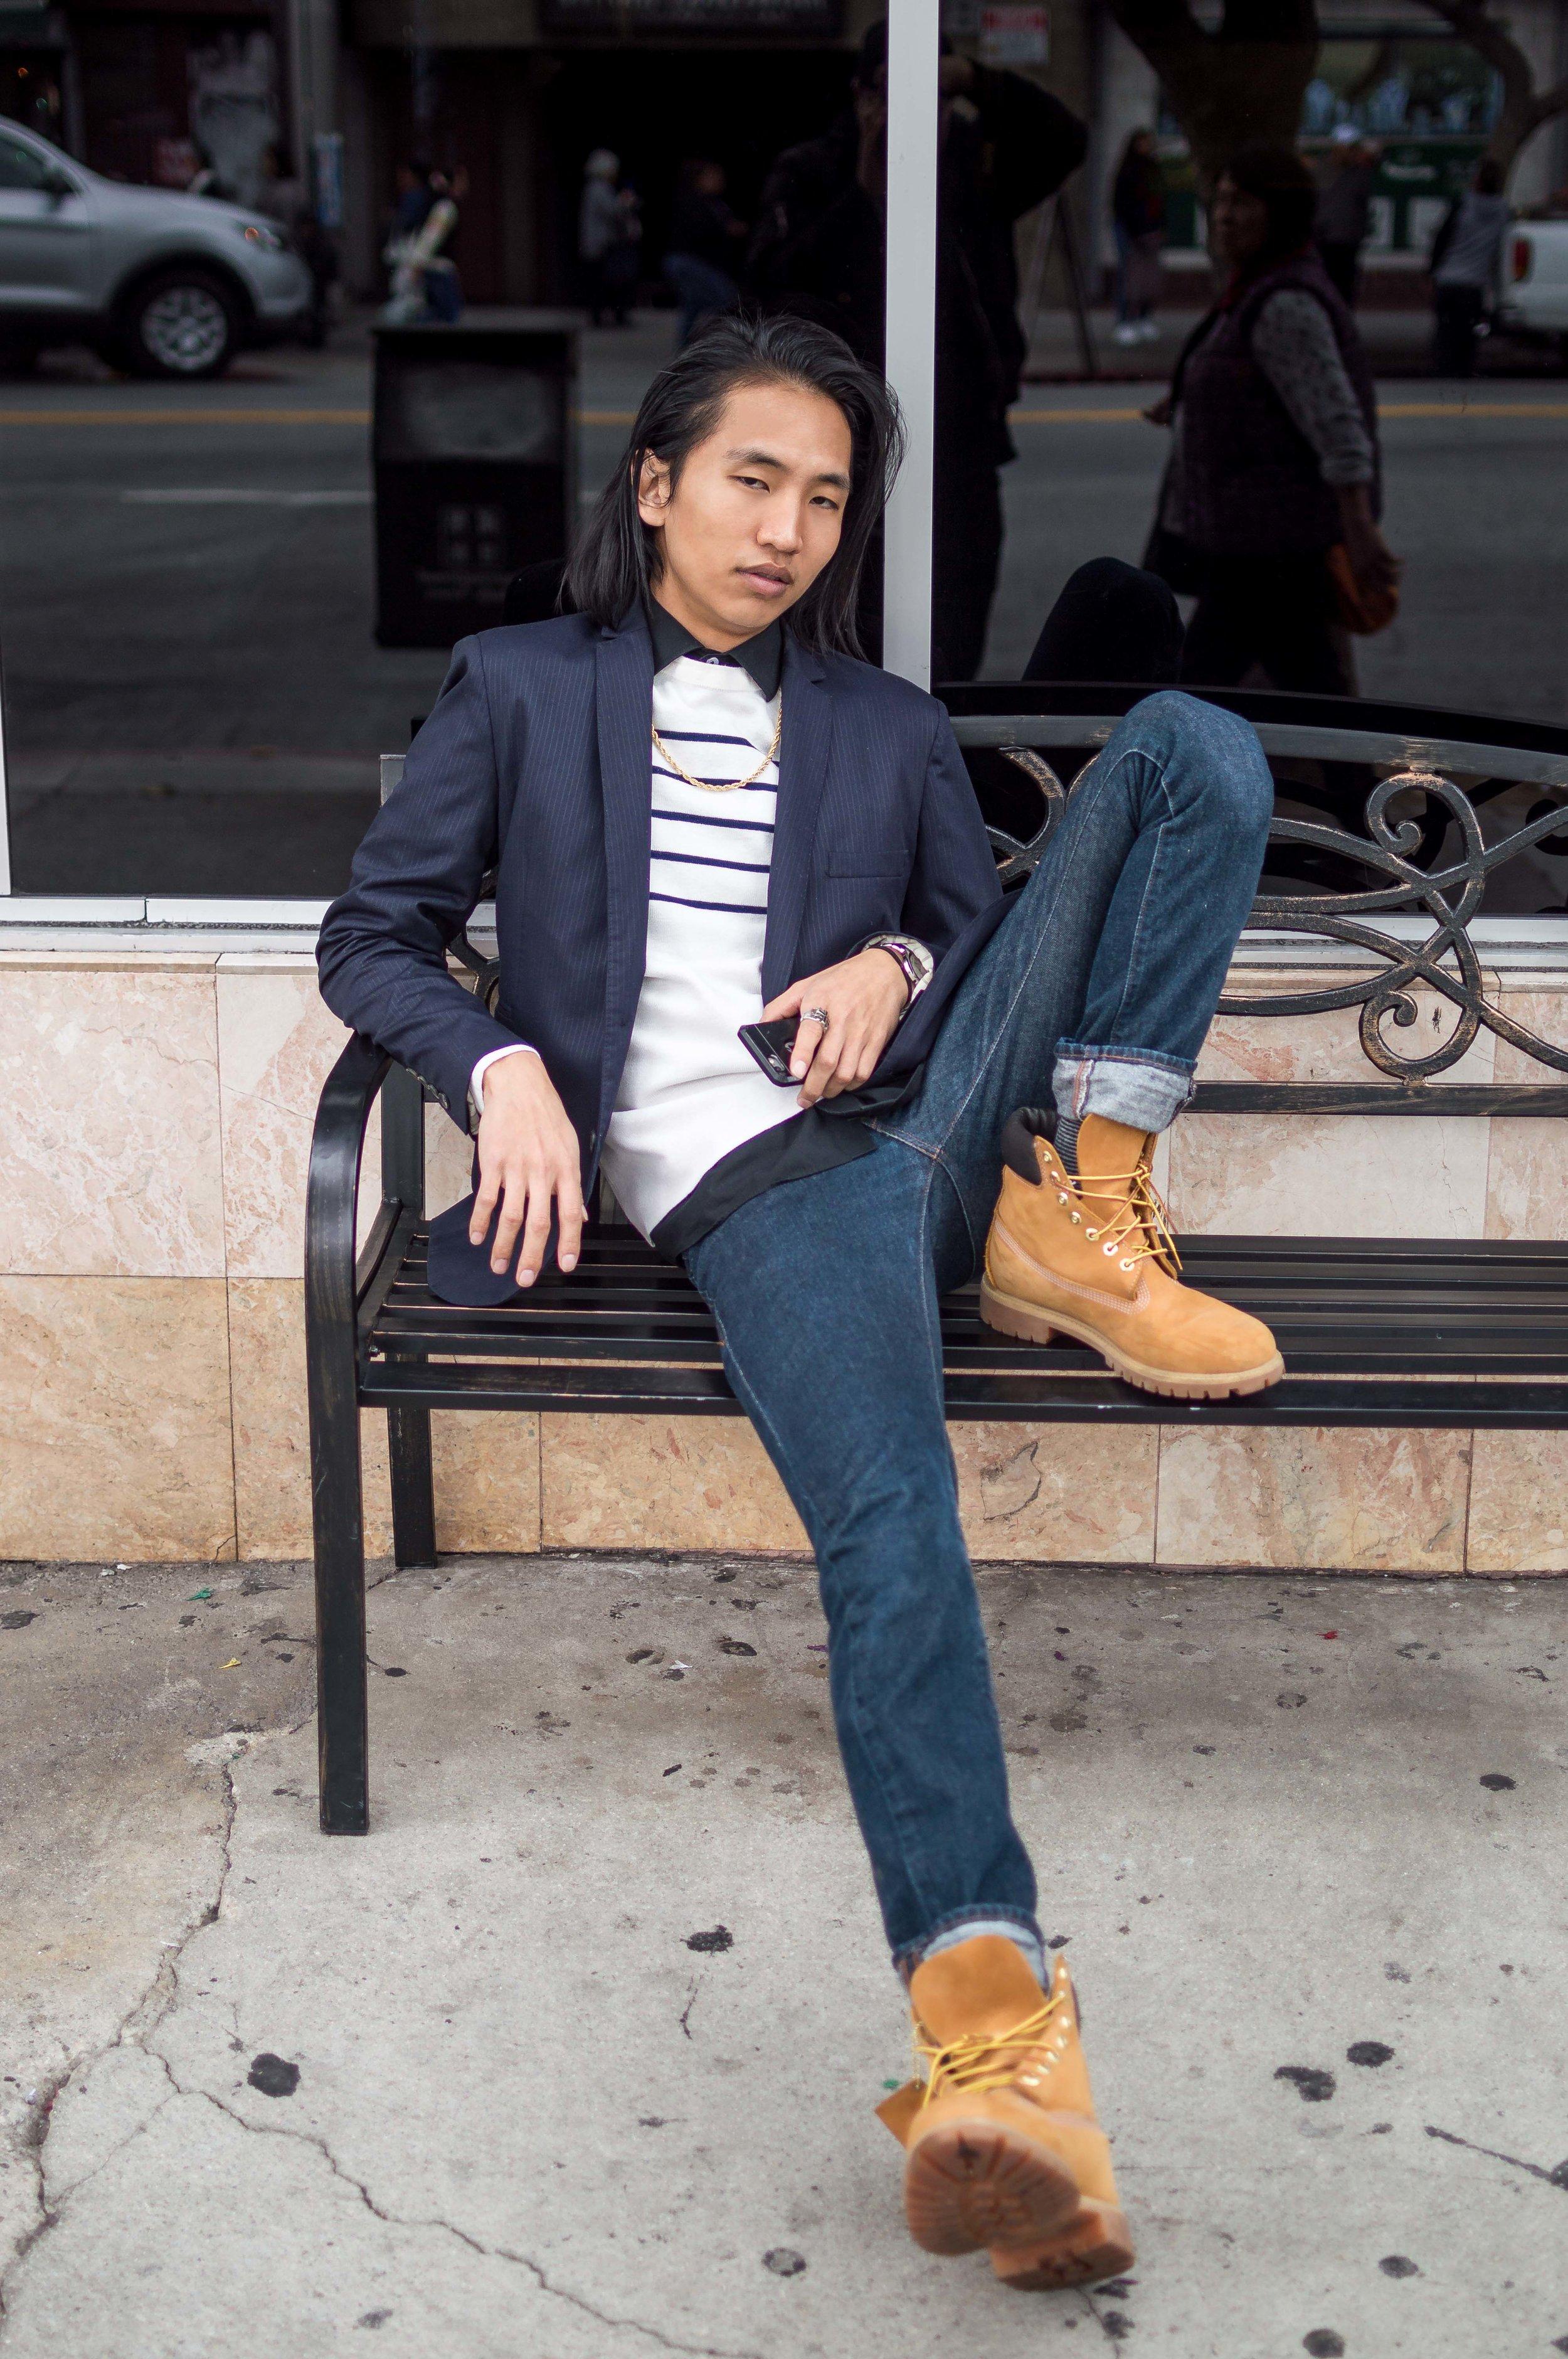 2019 01.05 YunJ Chinatown (12 of 48).jpg